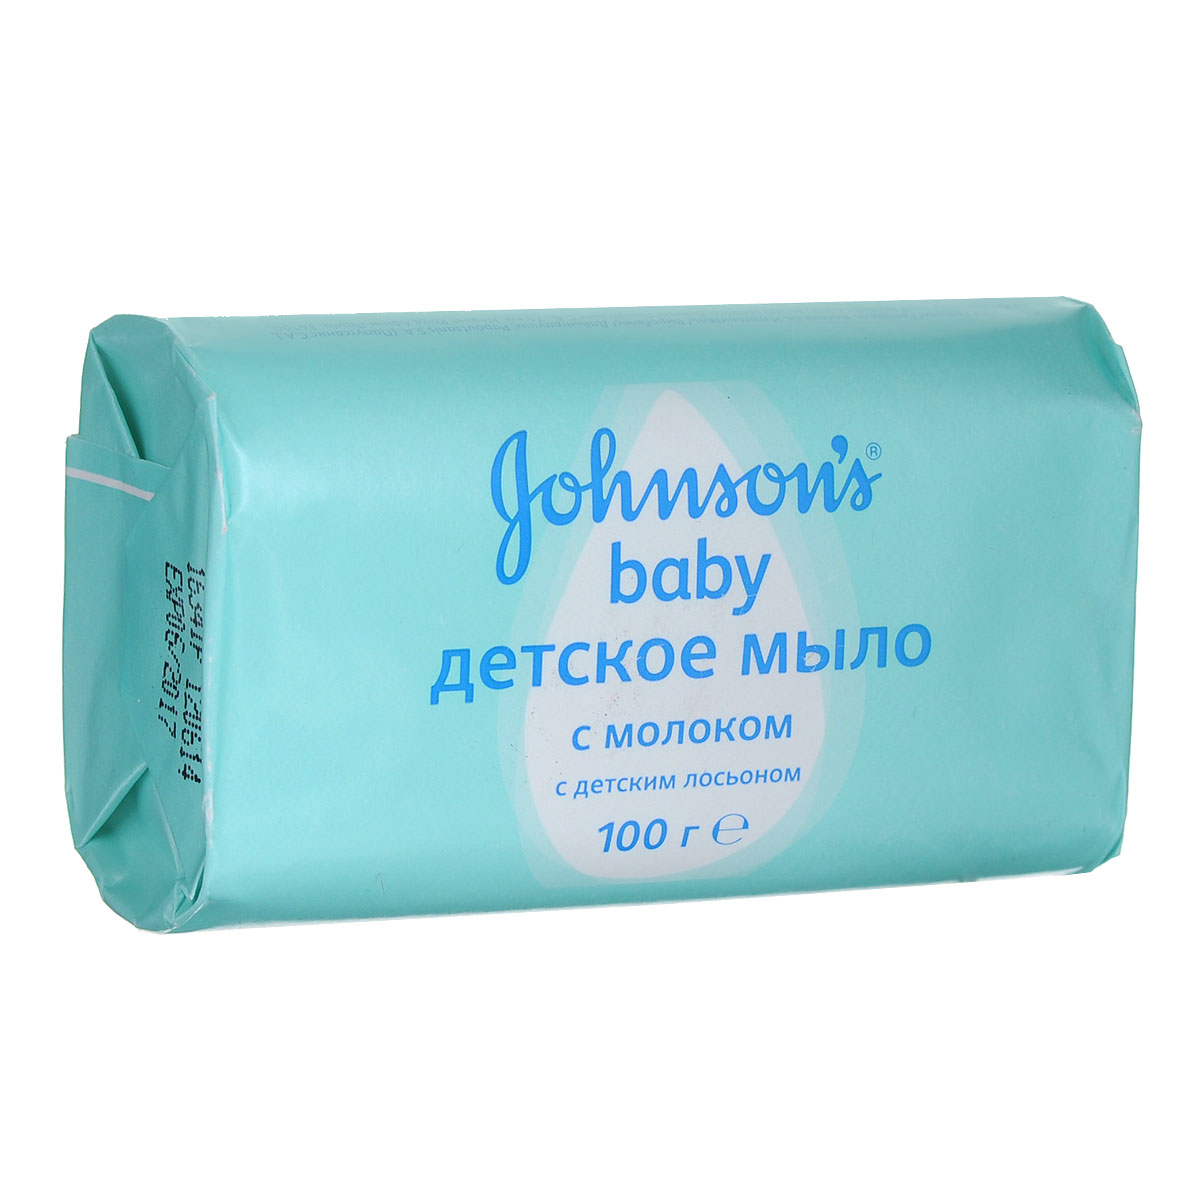 Johnsons baby Мыло детское, с молоком, 100 г3010620Мы любим малышей. И мы понимаем, что кожа младенцев еще не до конца сформировалась и быстро теряет влагу. Вот почему детское мыло JOHNSONS Baby с молоком содержит нежные смягчающие и увлажняющие компоненты, которые помогают сохранить детскую кожу мягкой.Товар сертифицирован.